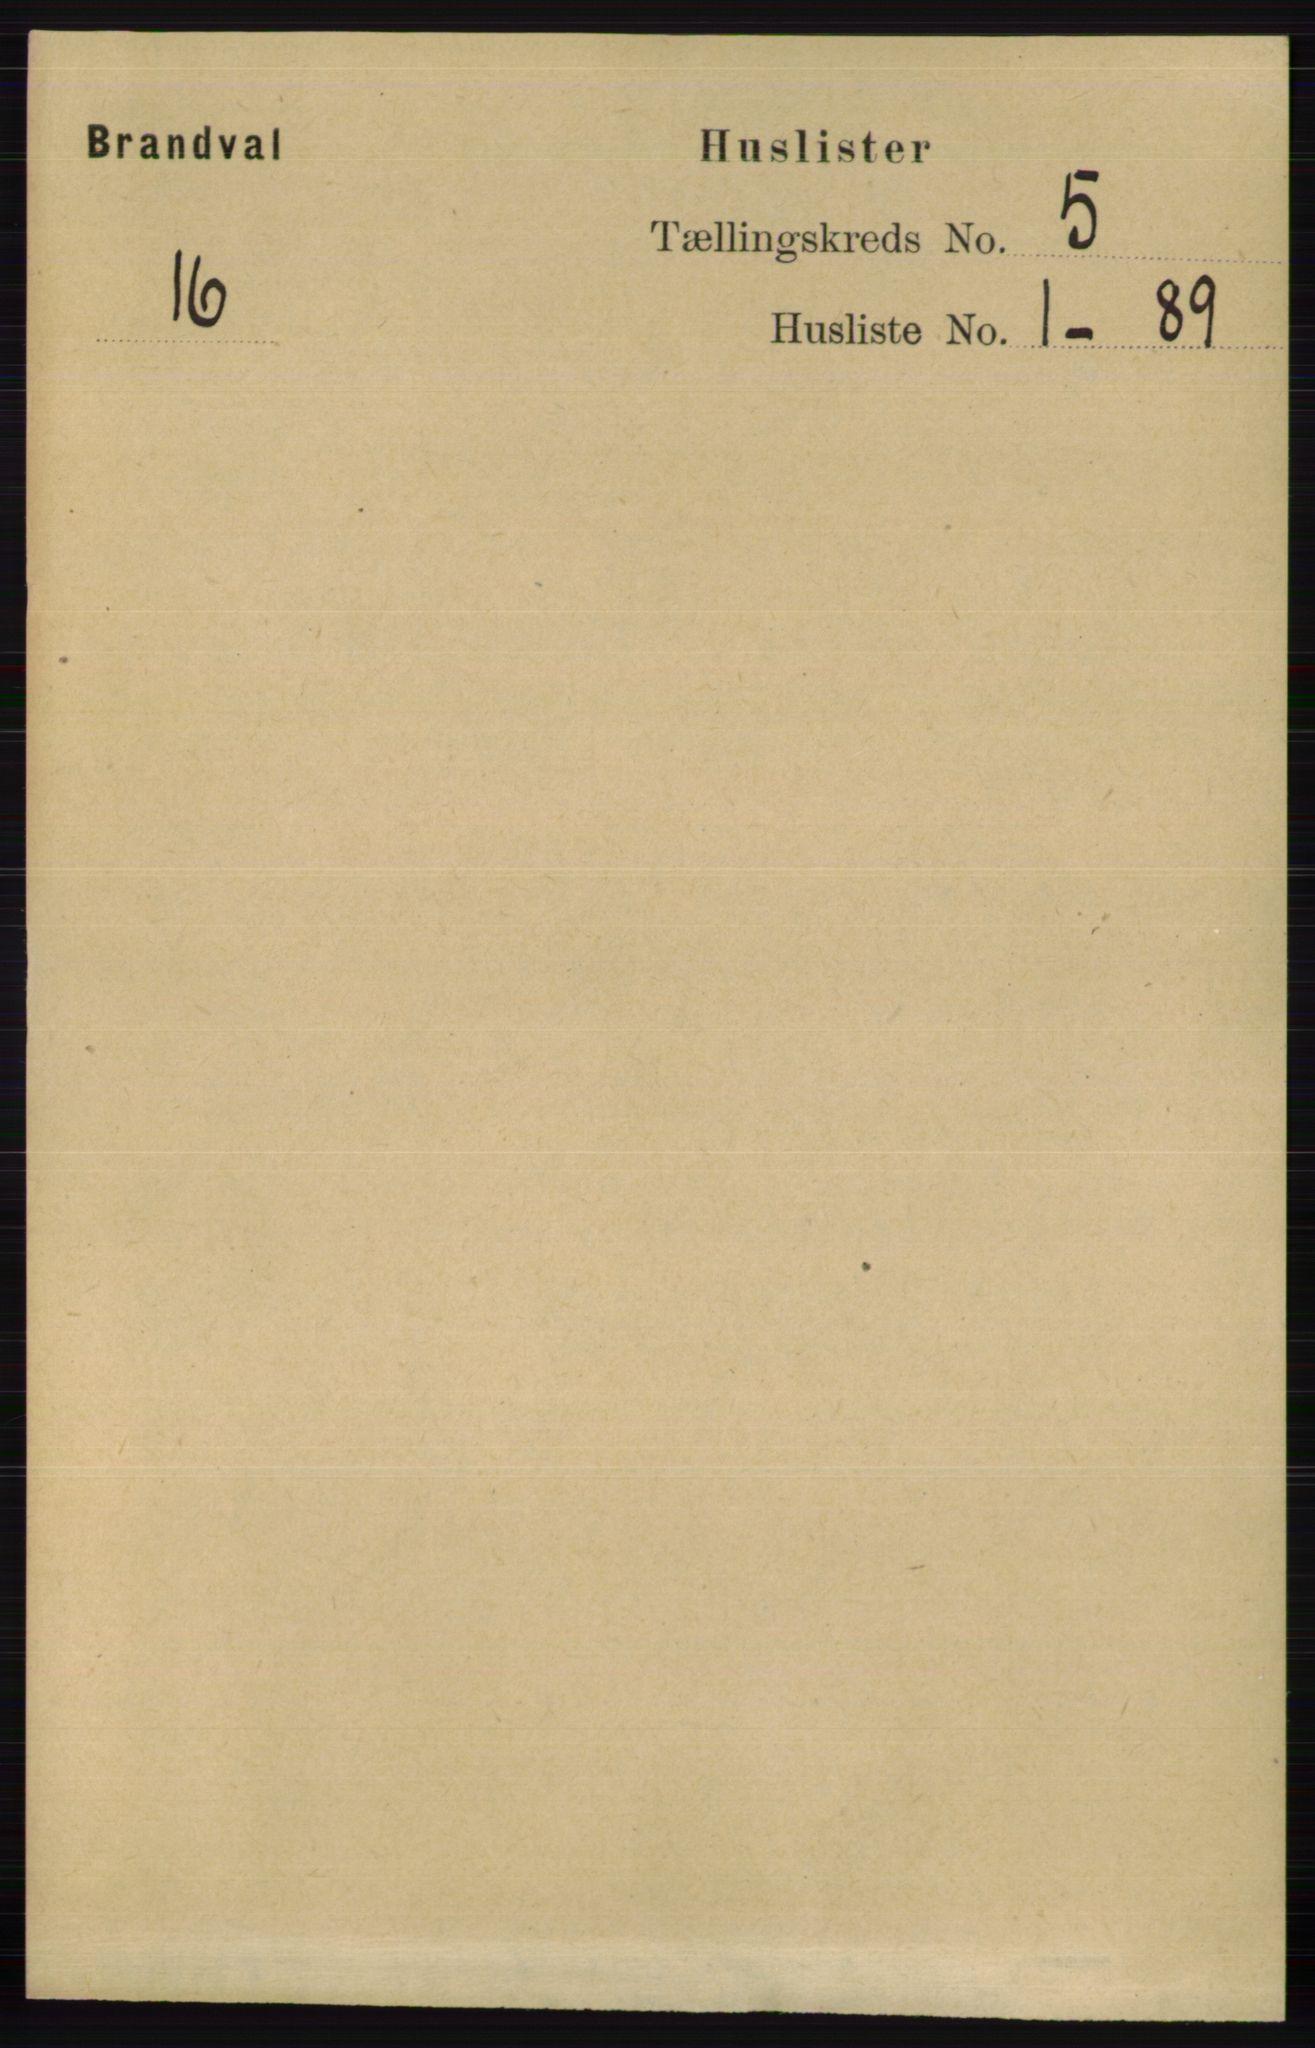 RA, Folketelling 1891 for 0422 Brandval herred, 1891, s. 2107